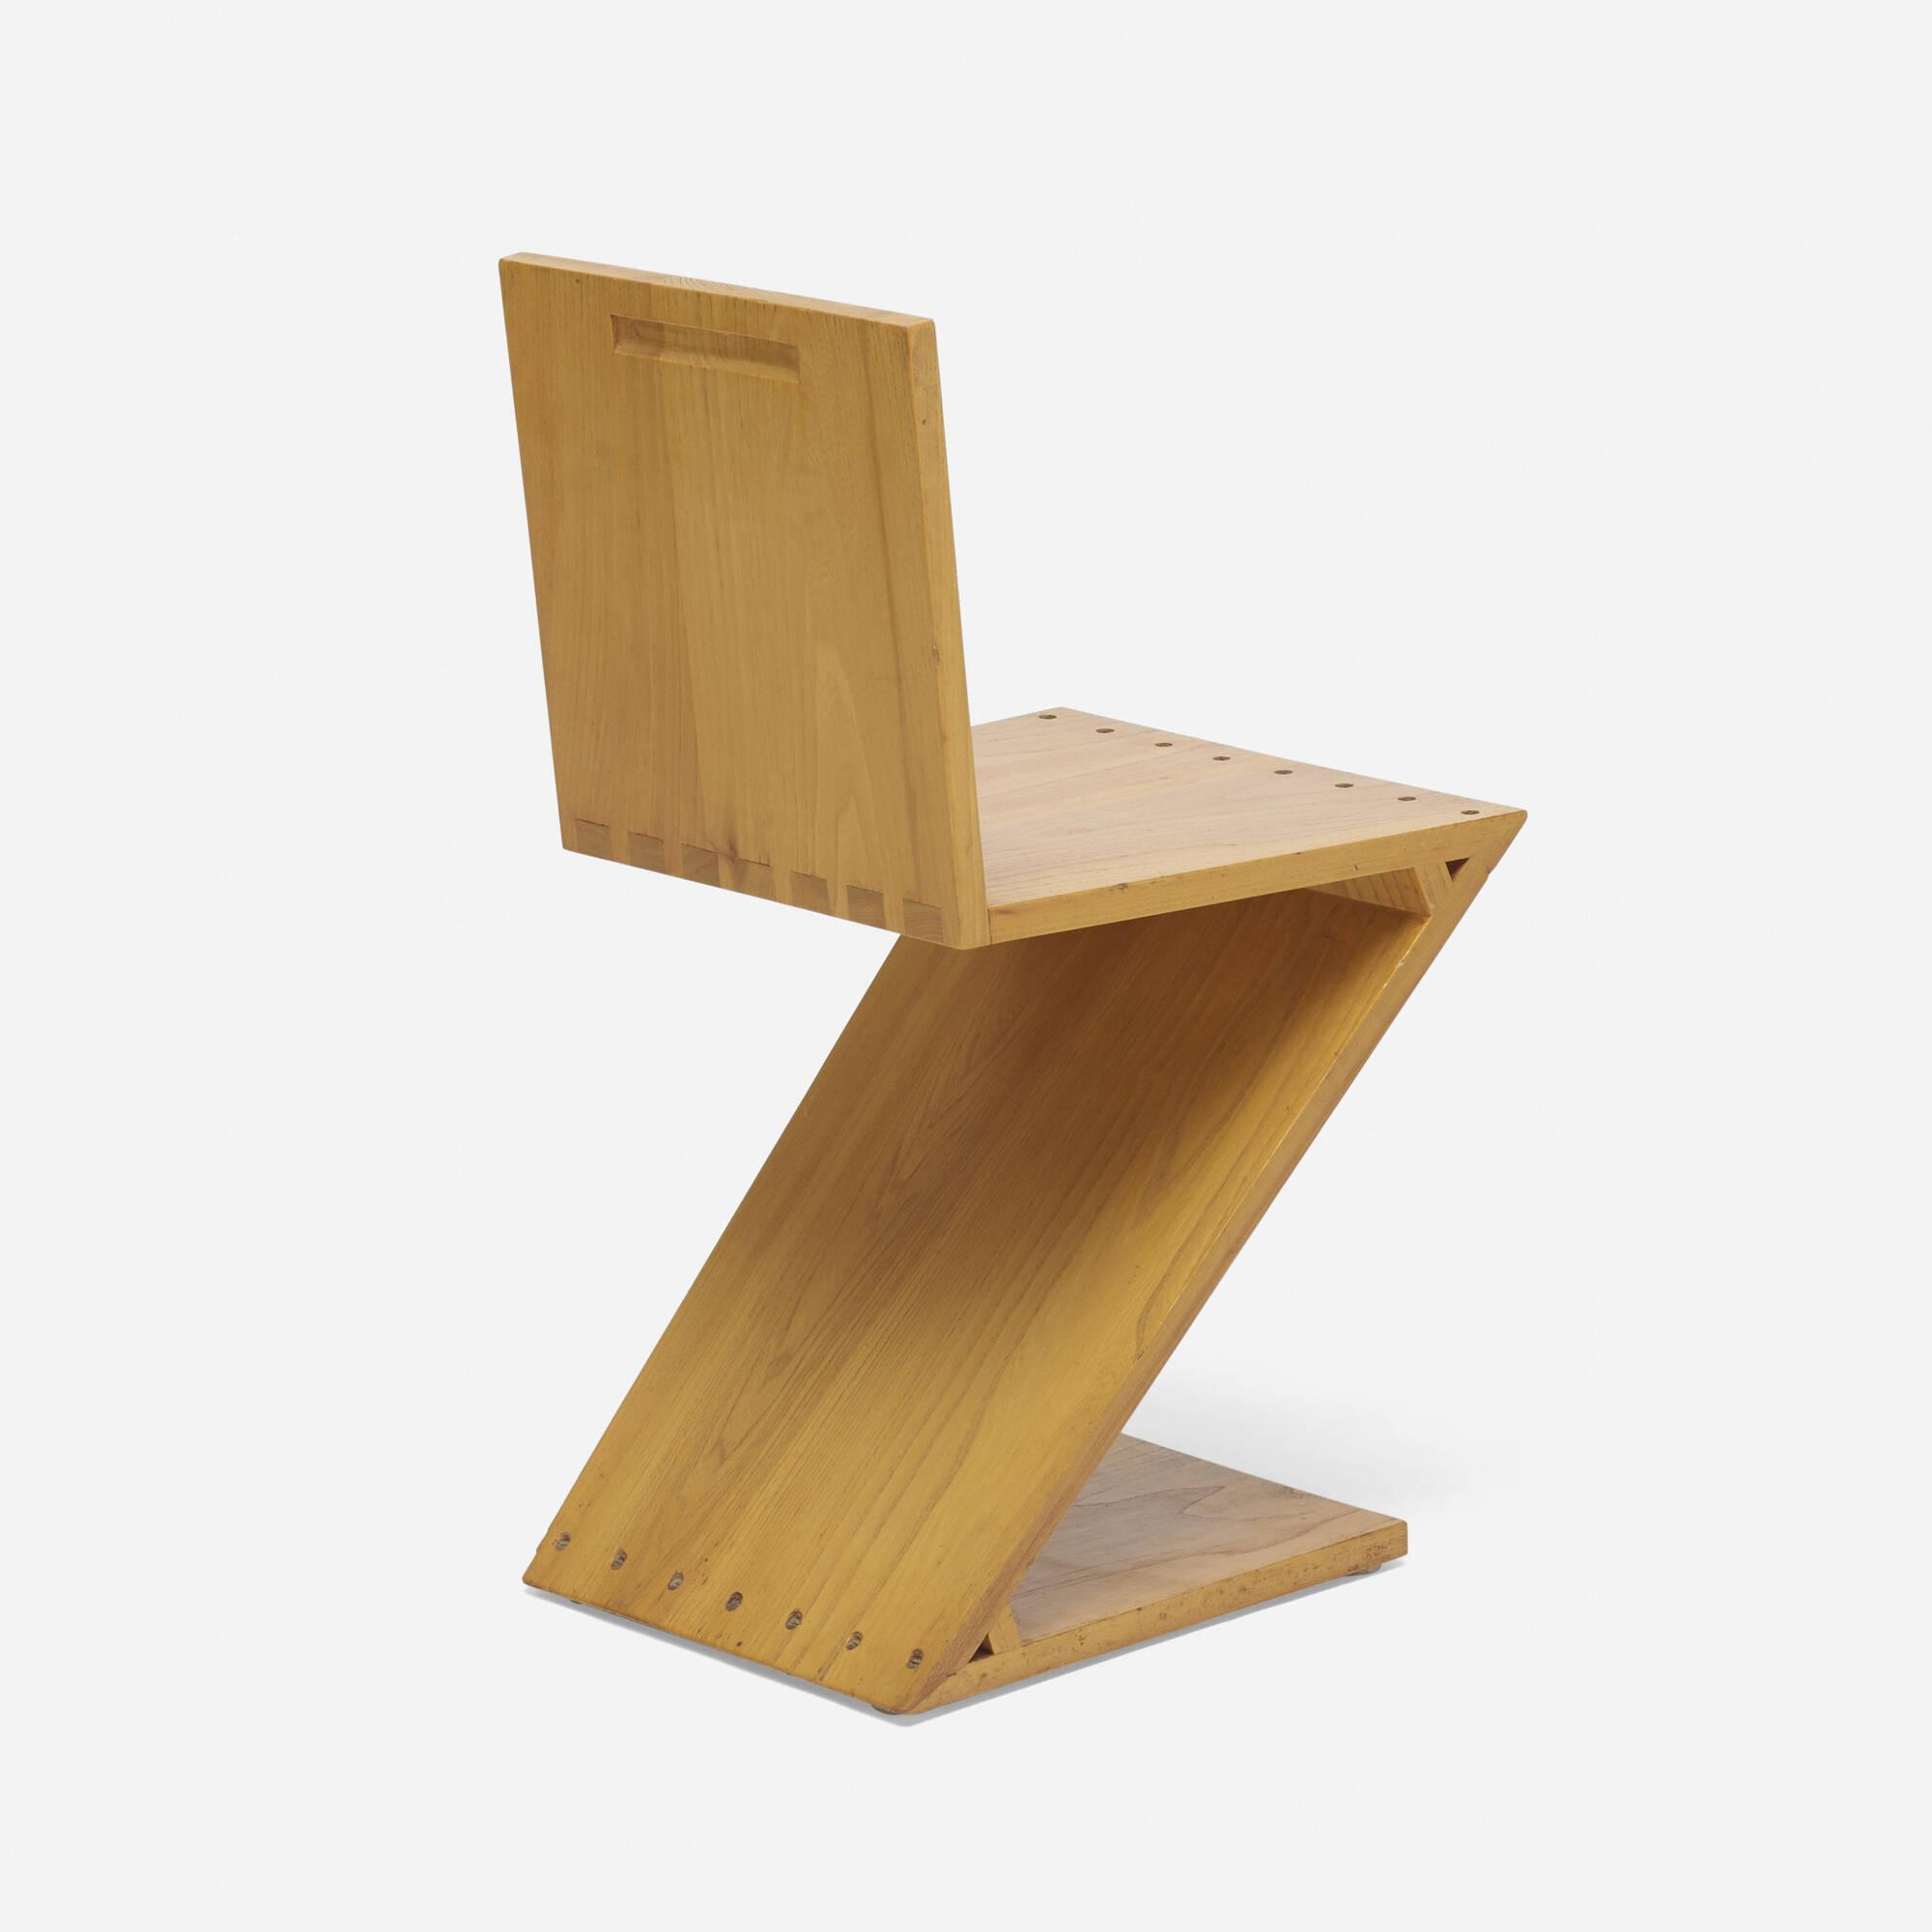 419: Gerrit Rietveld / Zig-Zag chair (1 of 3)